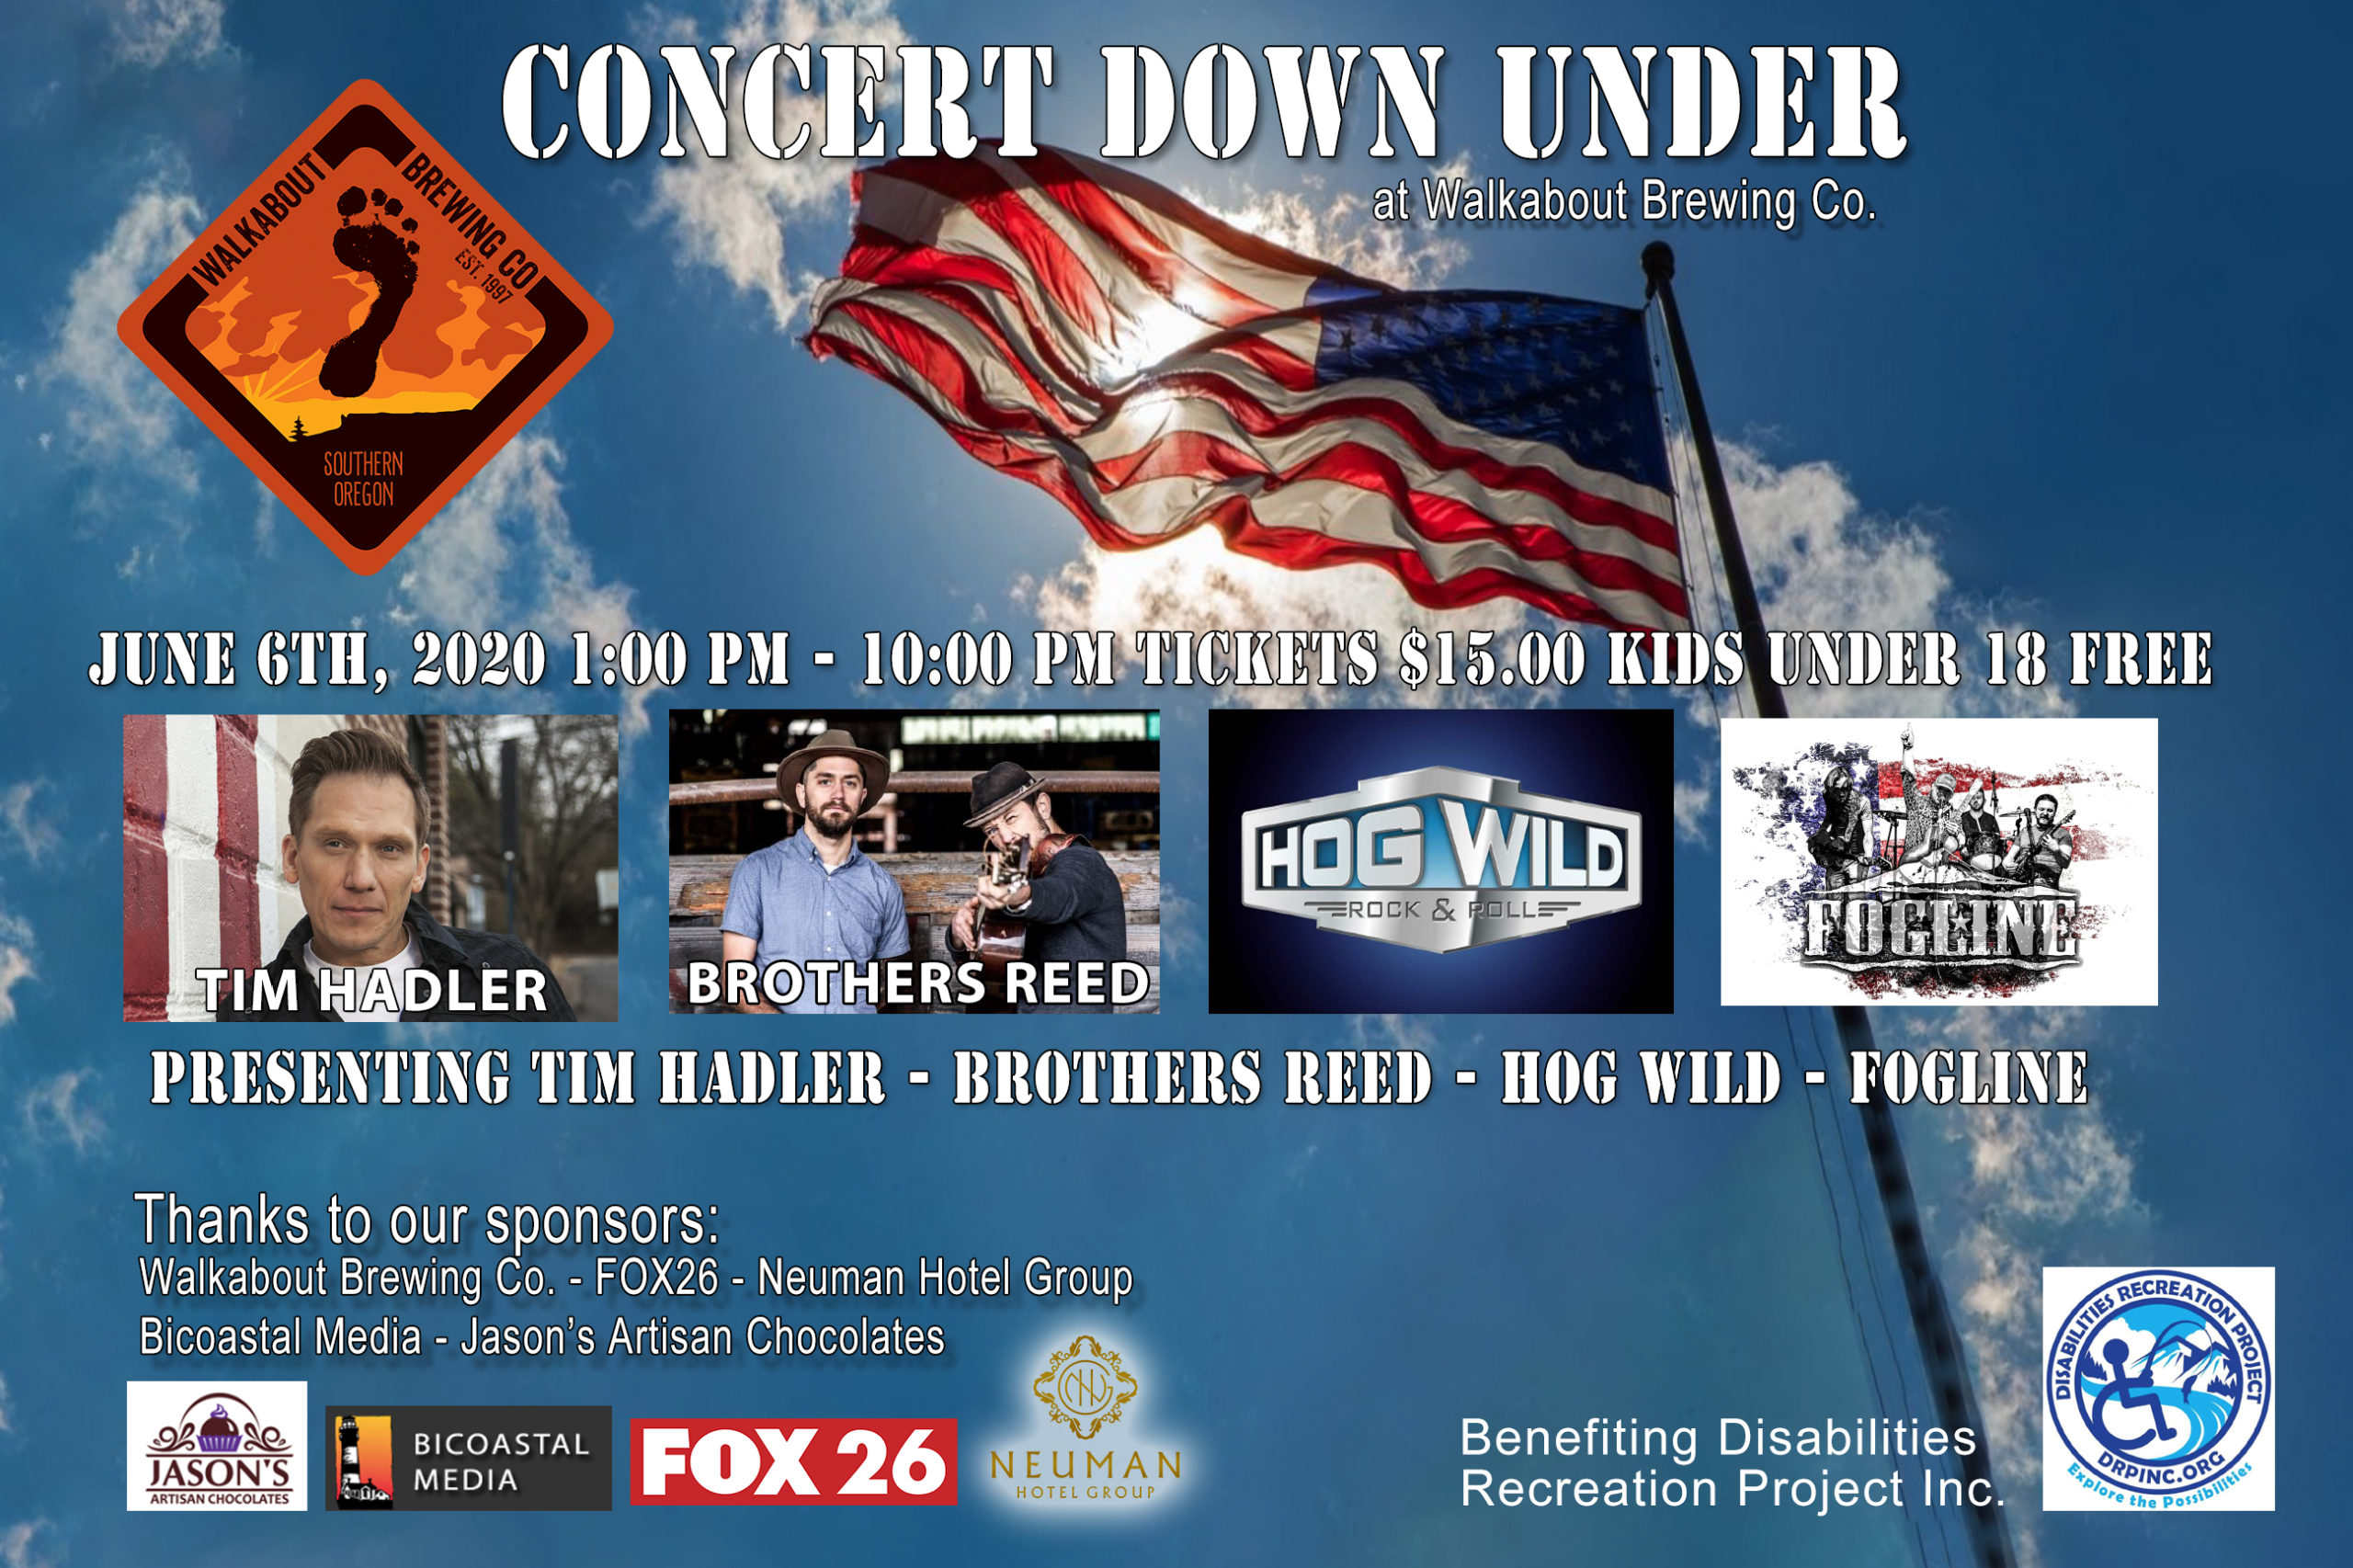 Concert Down Under